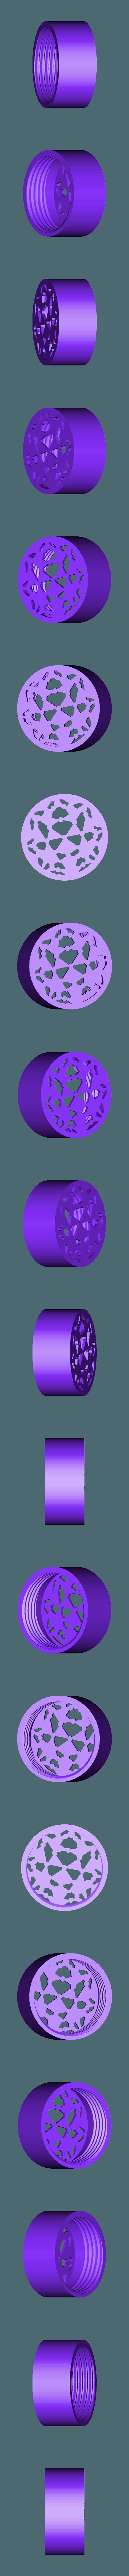 Mascherina_COVID-19_tappo_V2_0.stl Download free STL file Mascherina-COVID-19 • 3D printable design, marcogenito